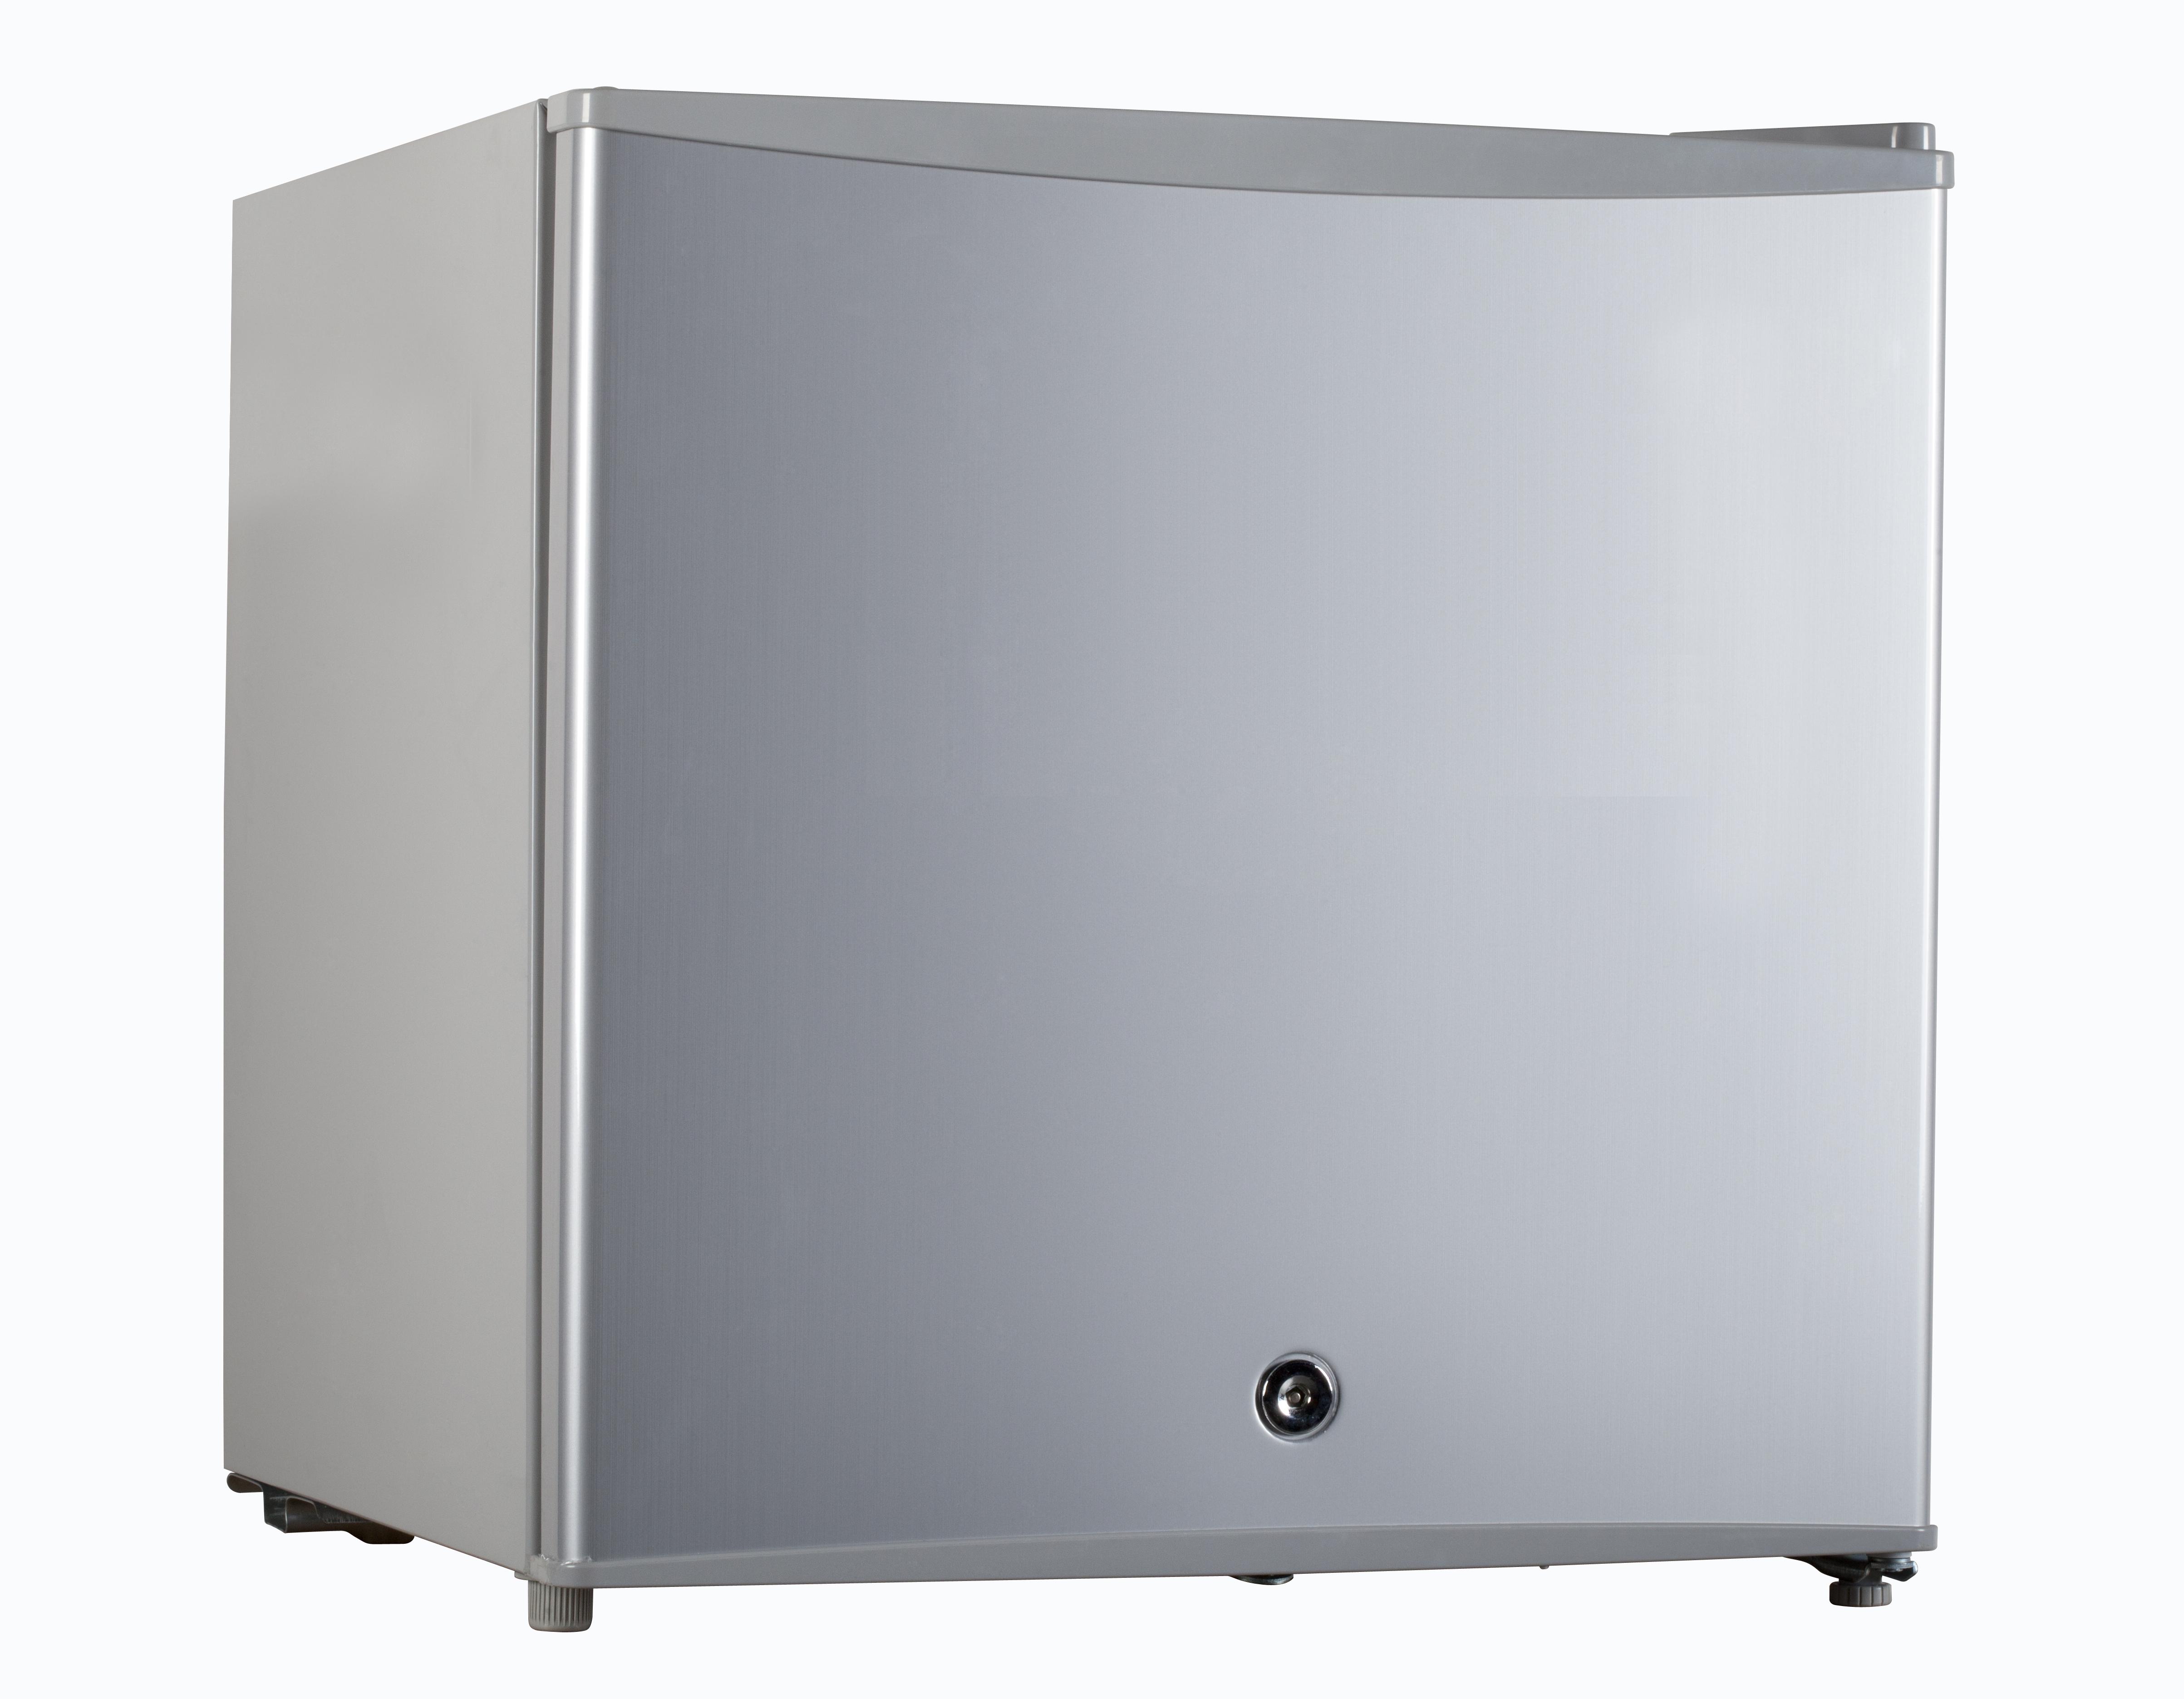 Midea Refrigerator HD-65L